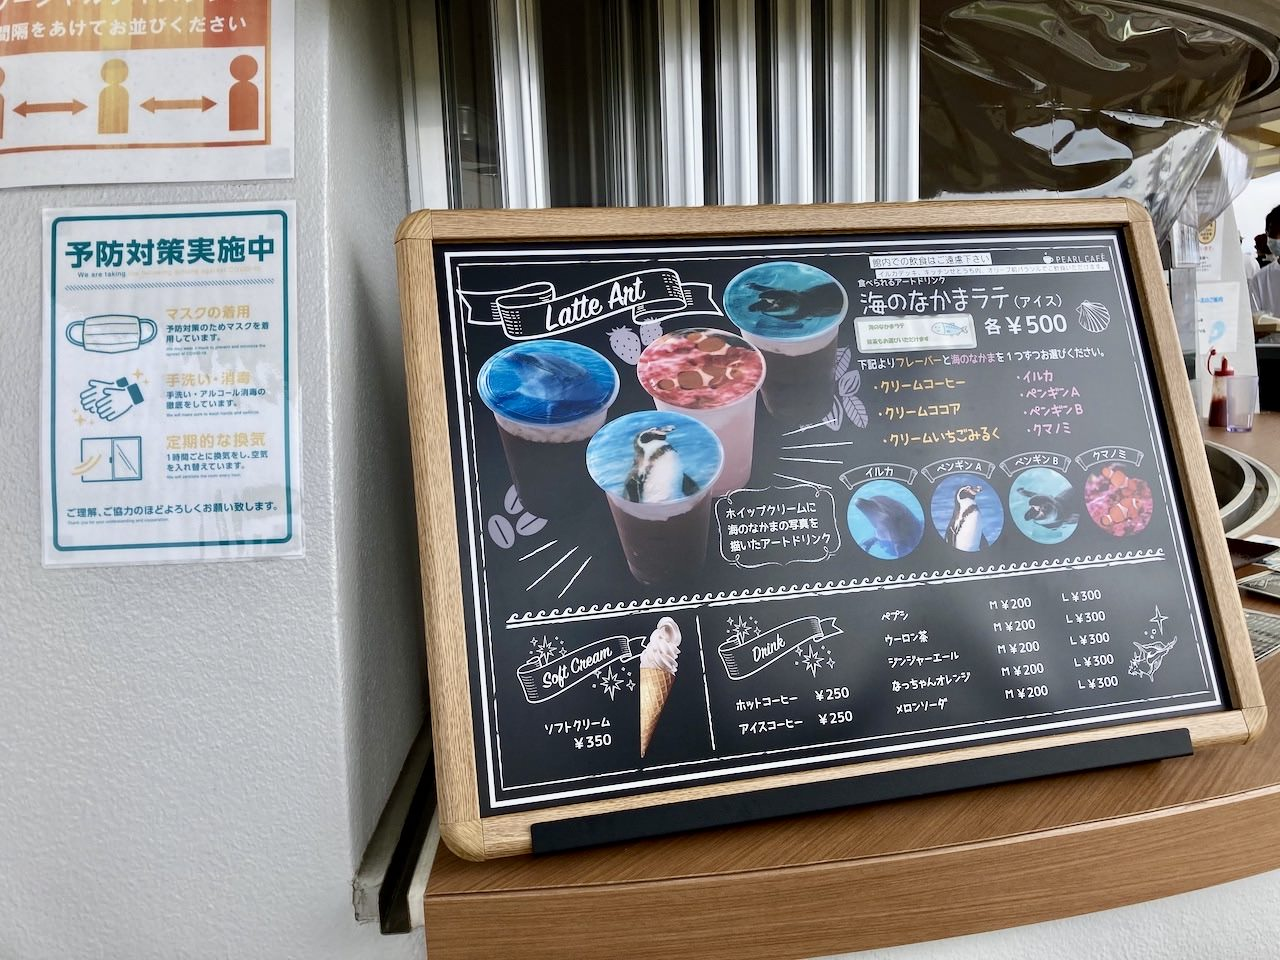 四国水族館 店